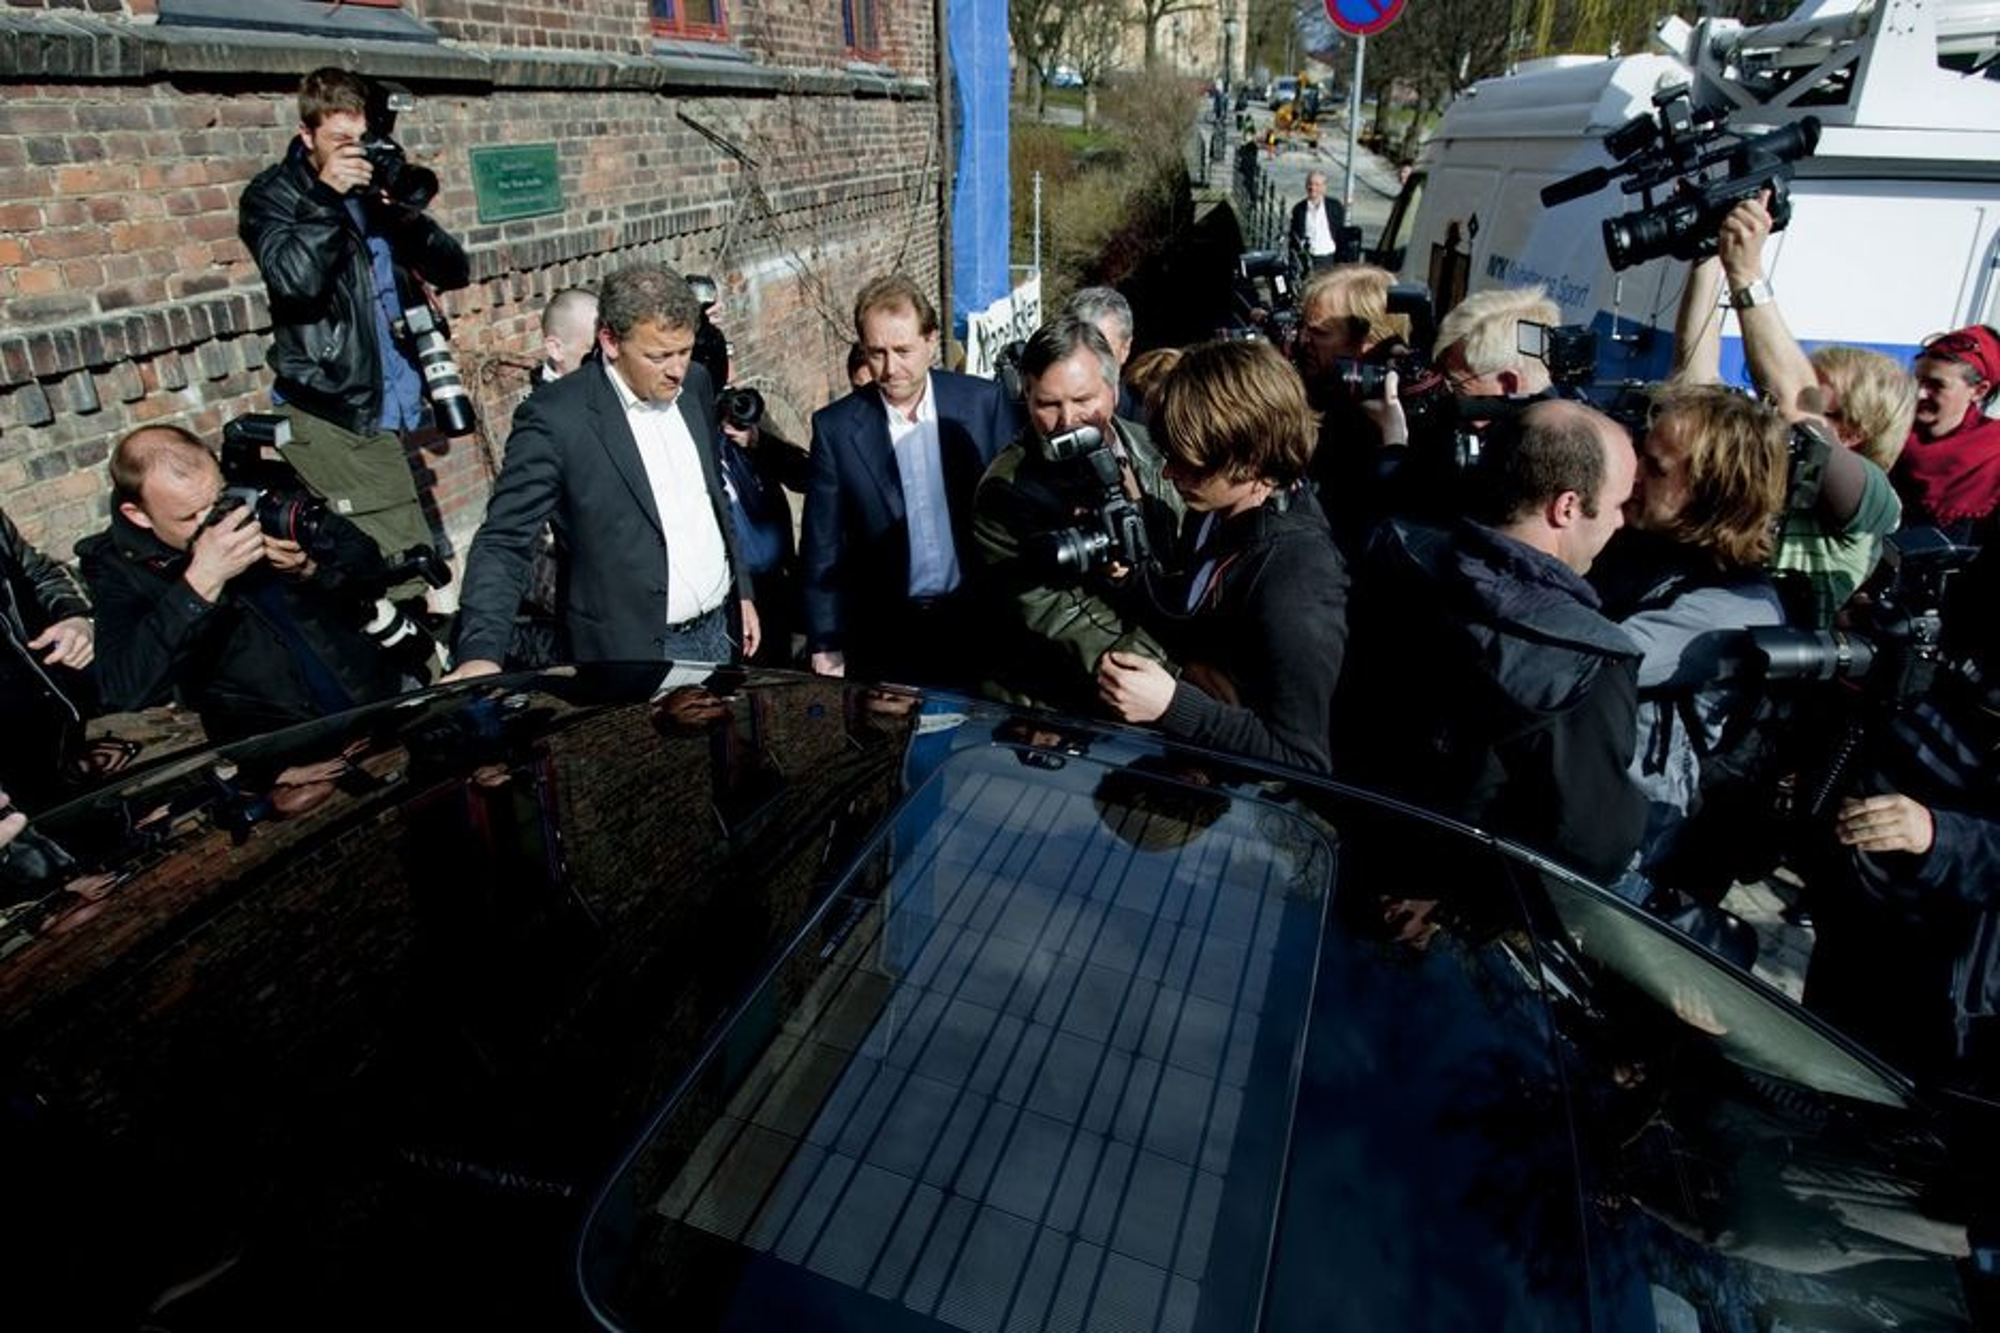 OMRINGET: Kjell Inge Røkke ble omringet av pressefolk da han slo tilbake mot staten med en tordentale onsdag. Røkke er provosert over at selskapene han har solgt omtales som søppel.